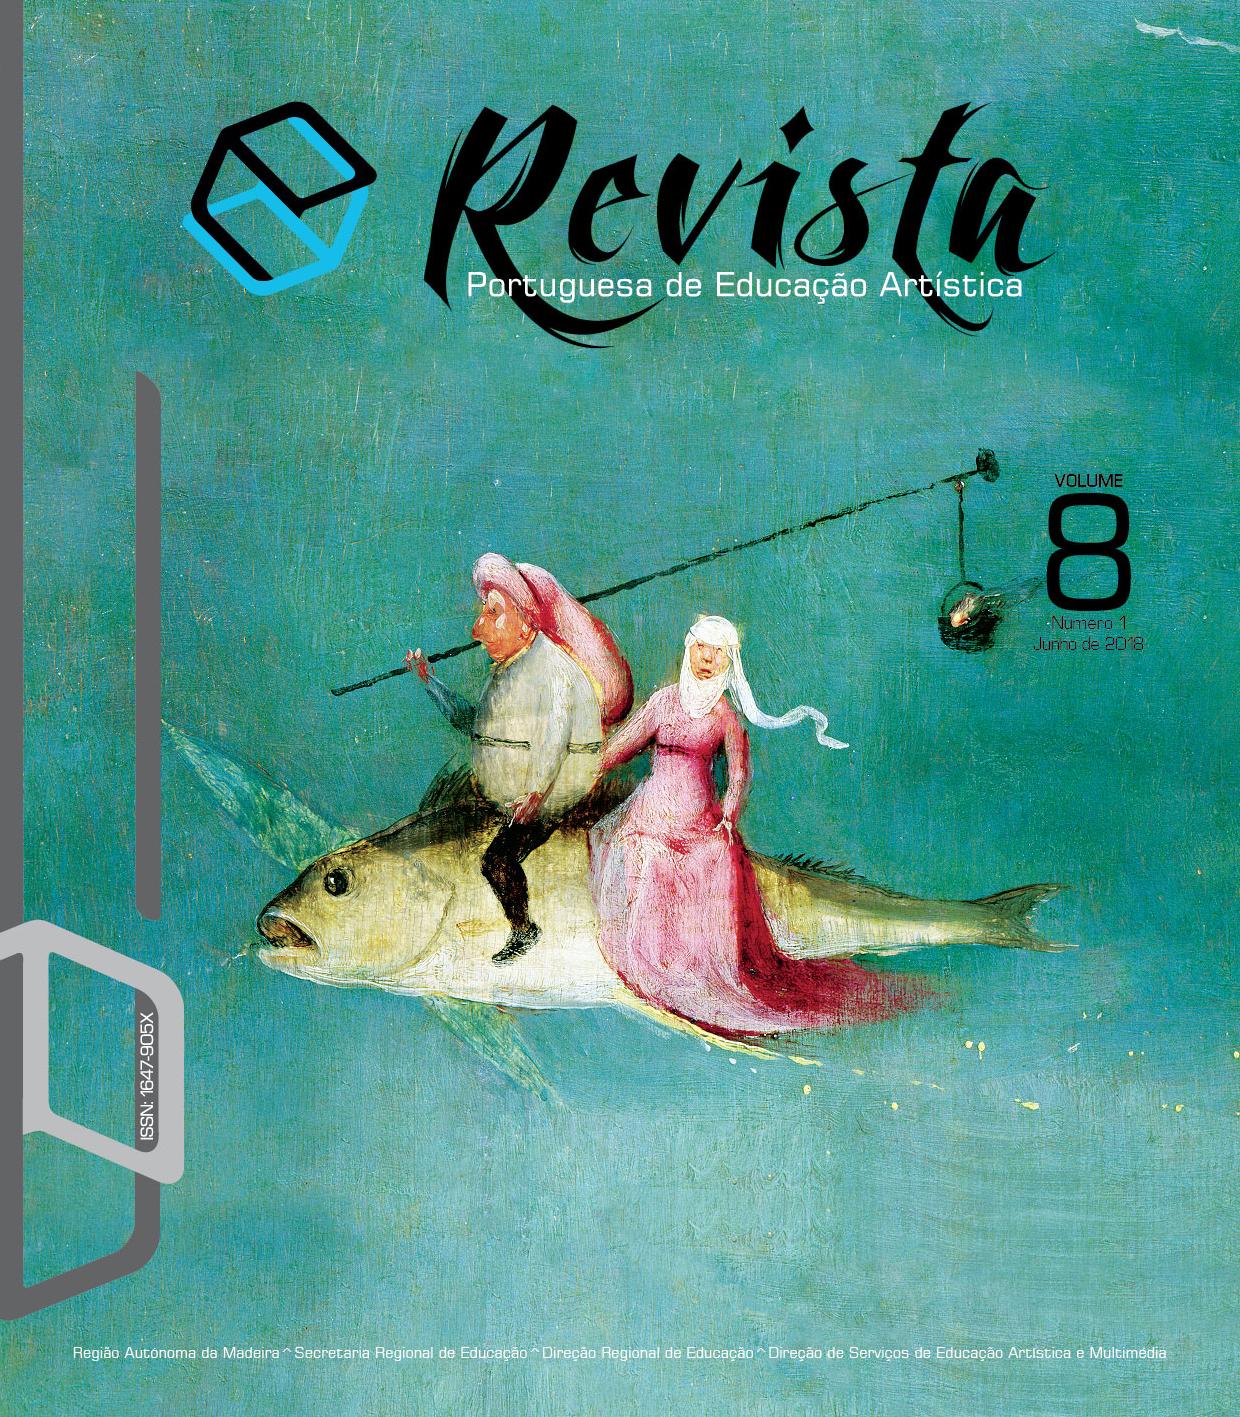 Revista Portuguesa de Educação Artística 2019